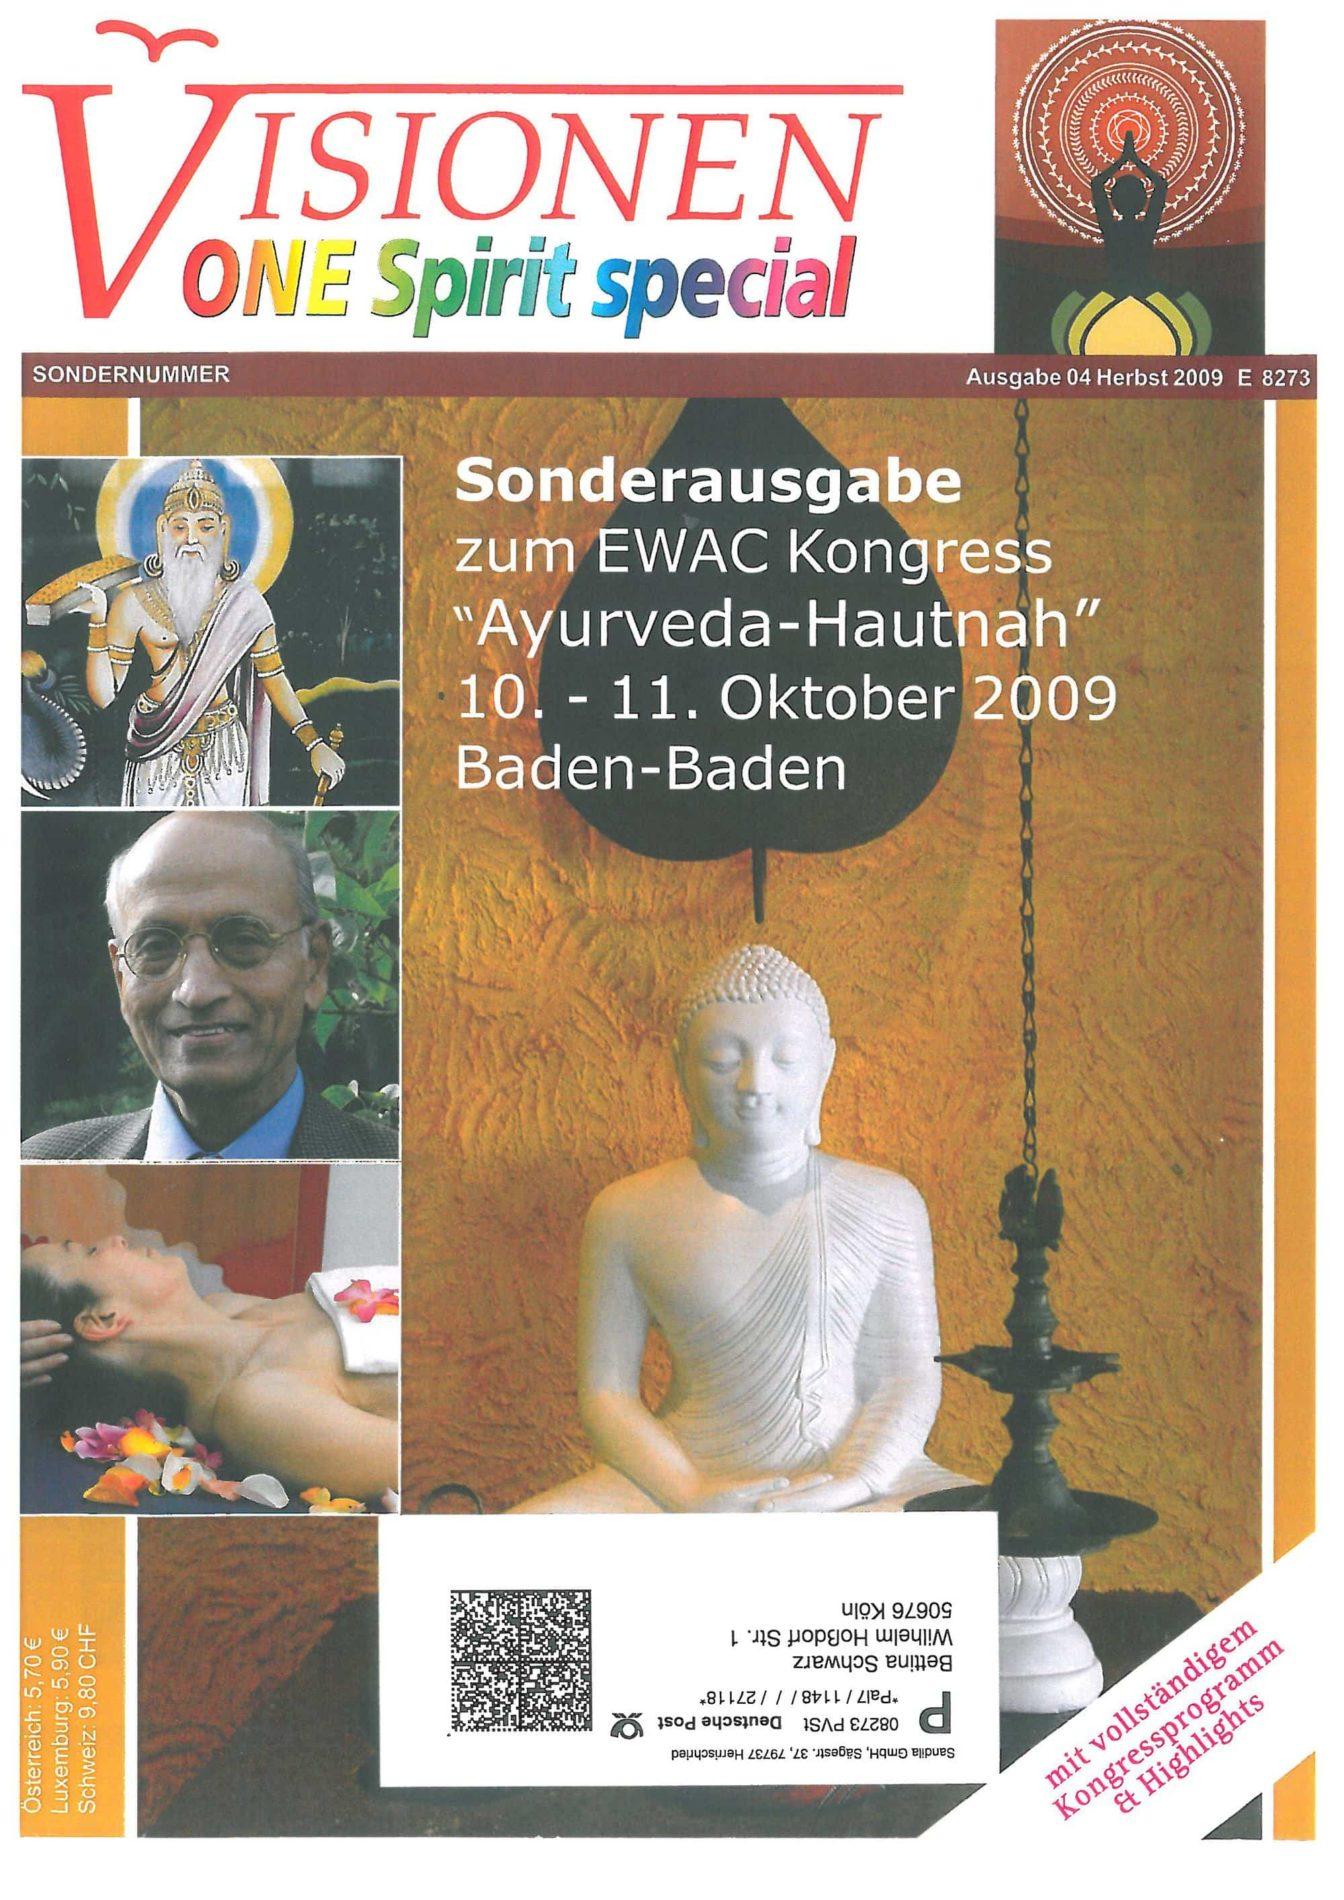 Visionen Special – Ayurveda – die Lehre von der Einheit des Lebens